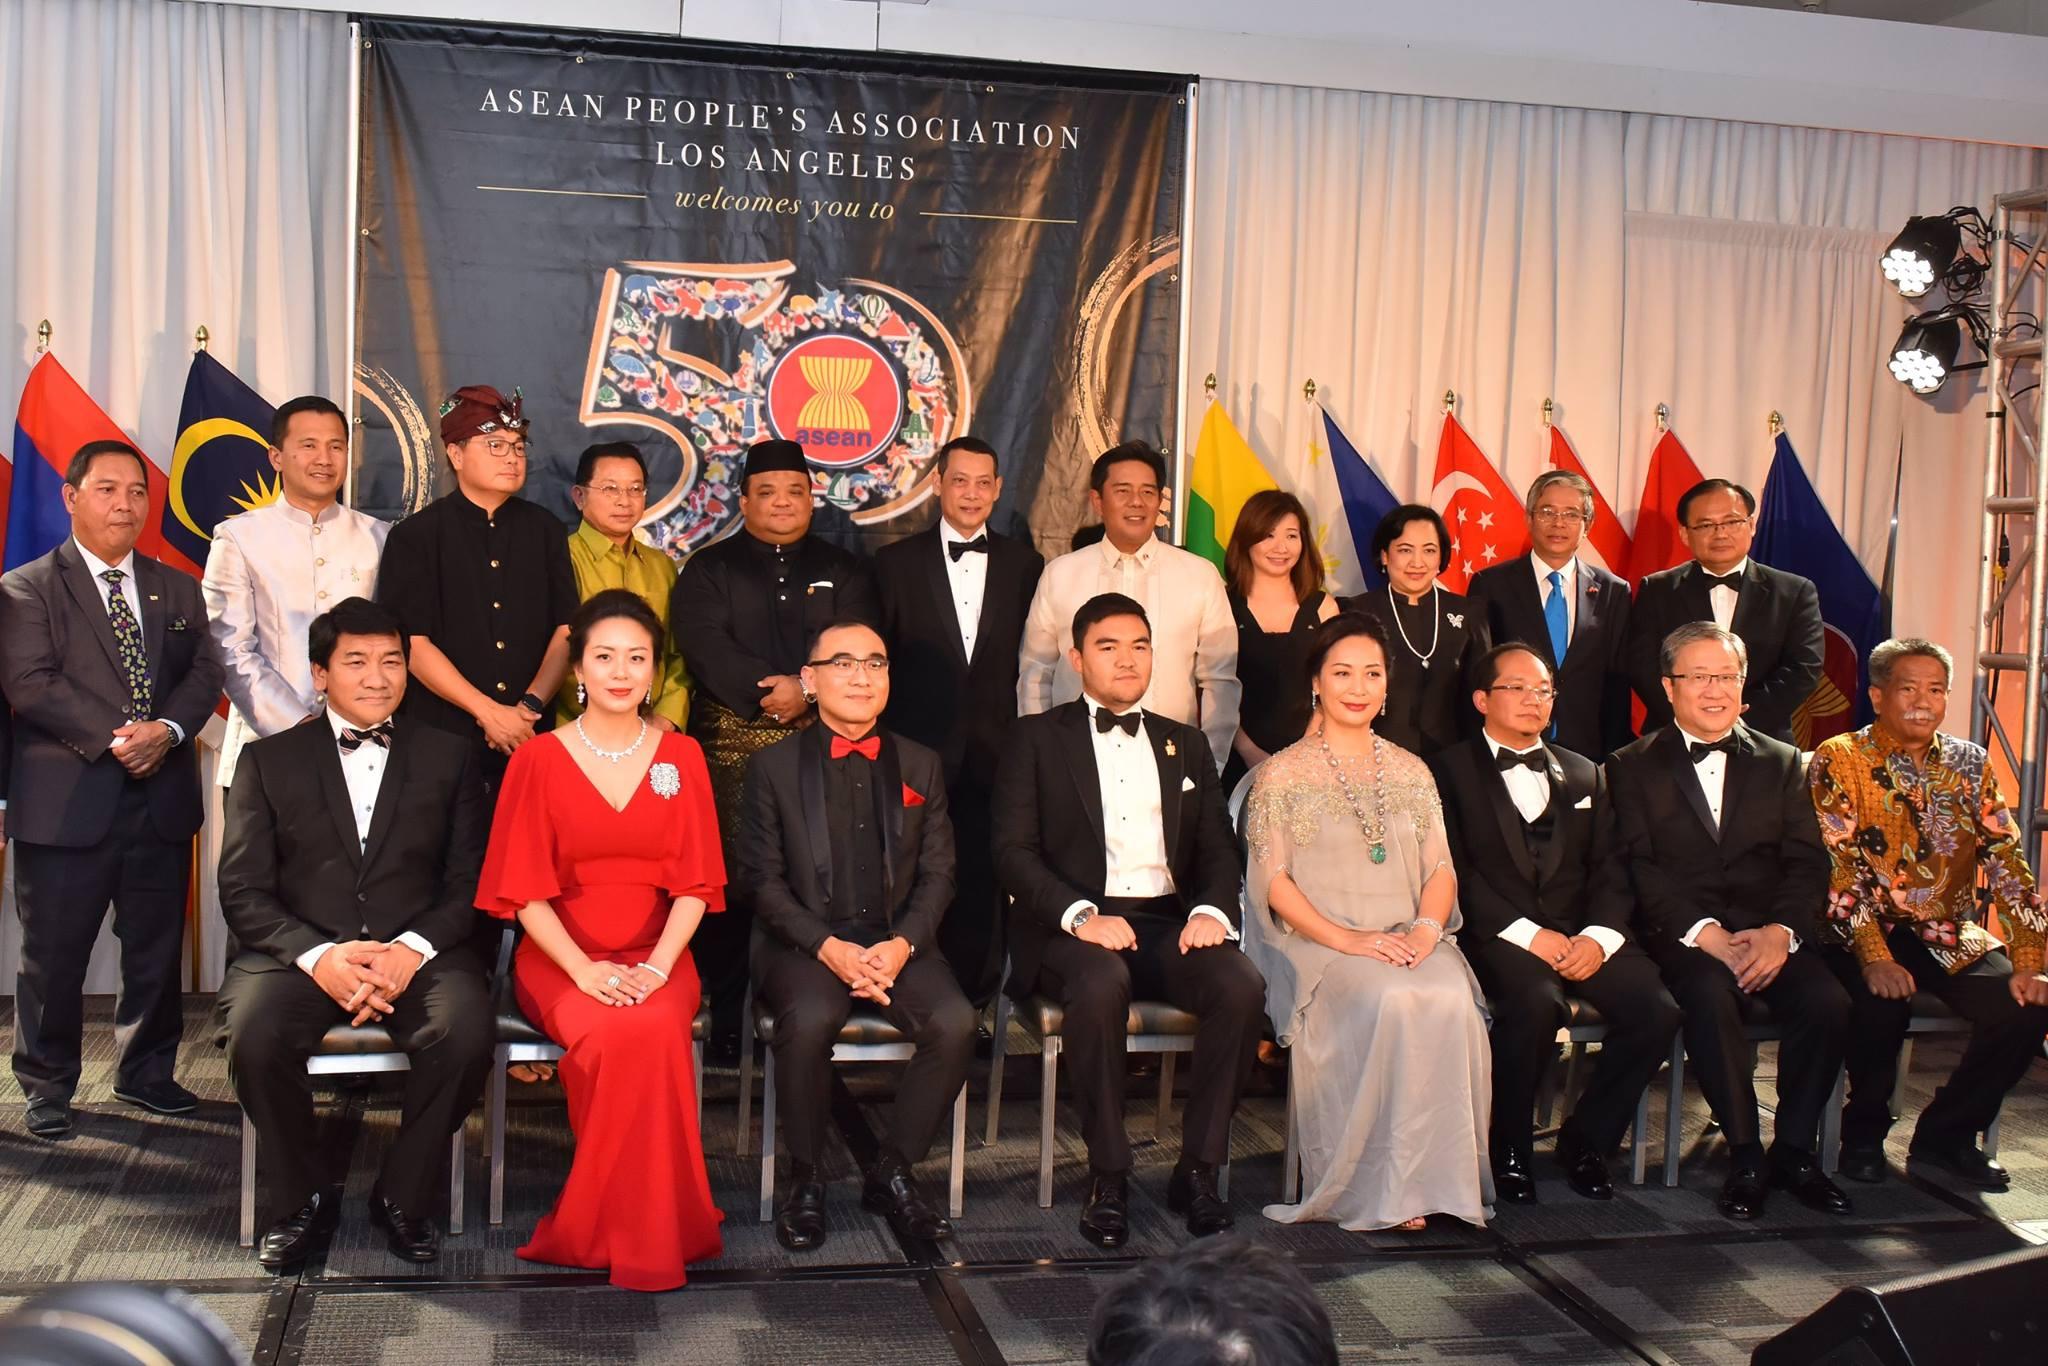 ASEAN 50th Anniversary